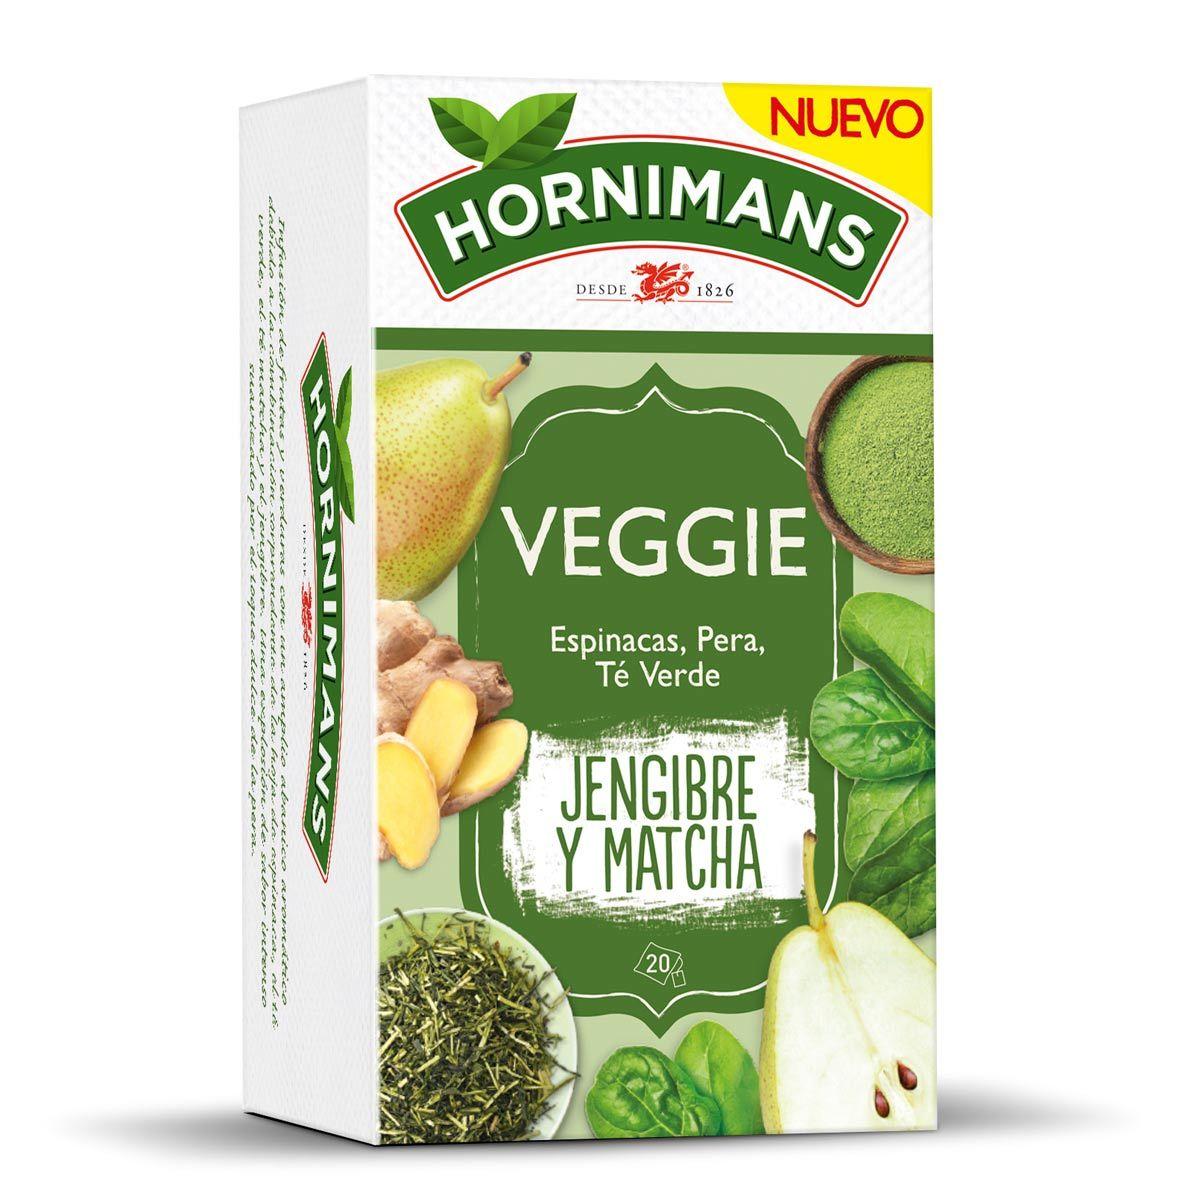 Infusión Veggie de Hornimans (2,49 euros) con espinacas, pera,...